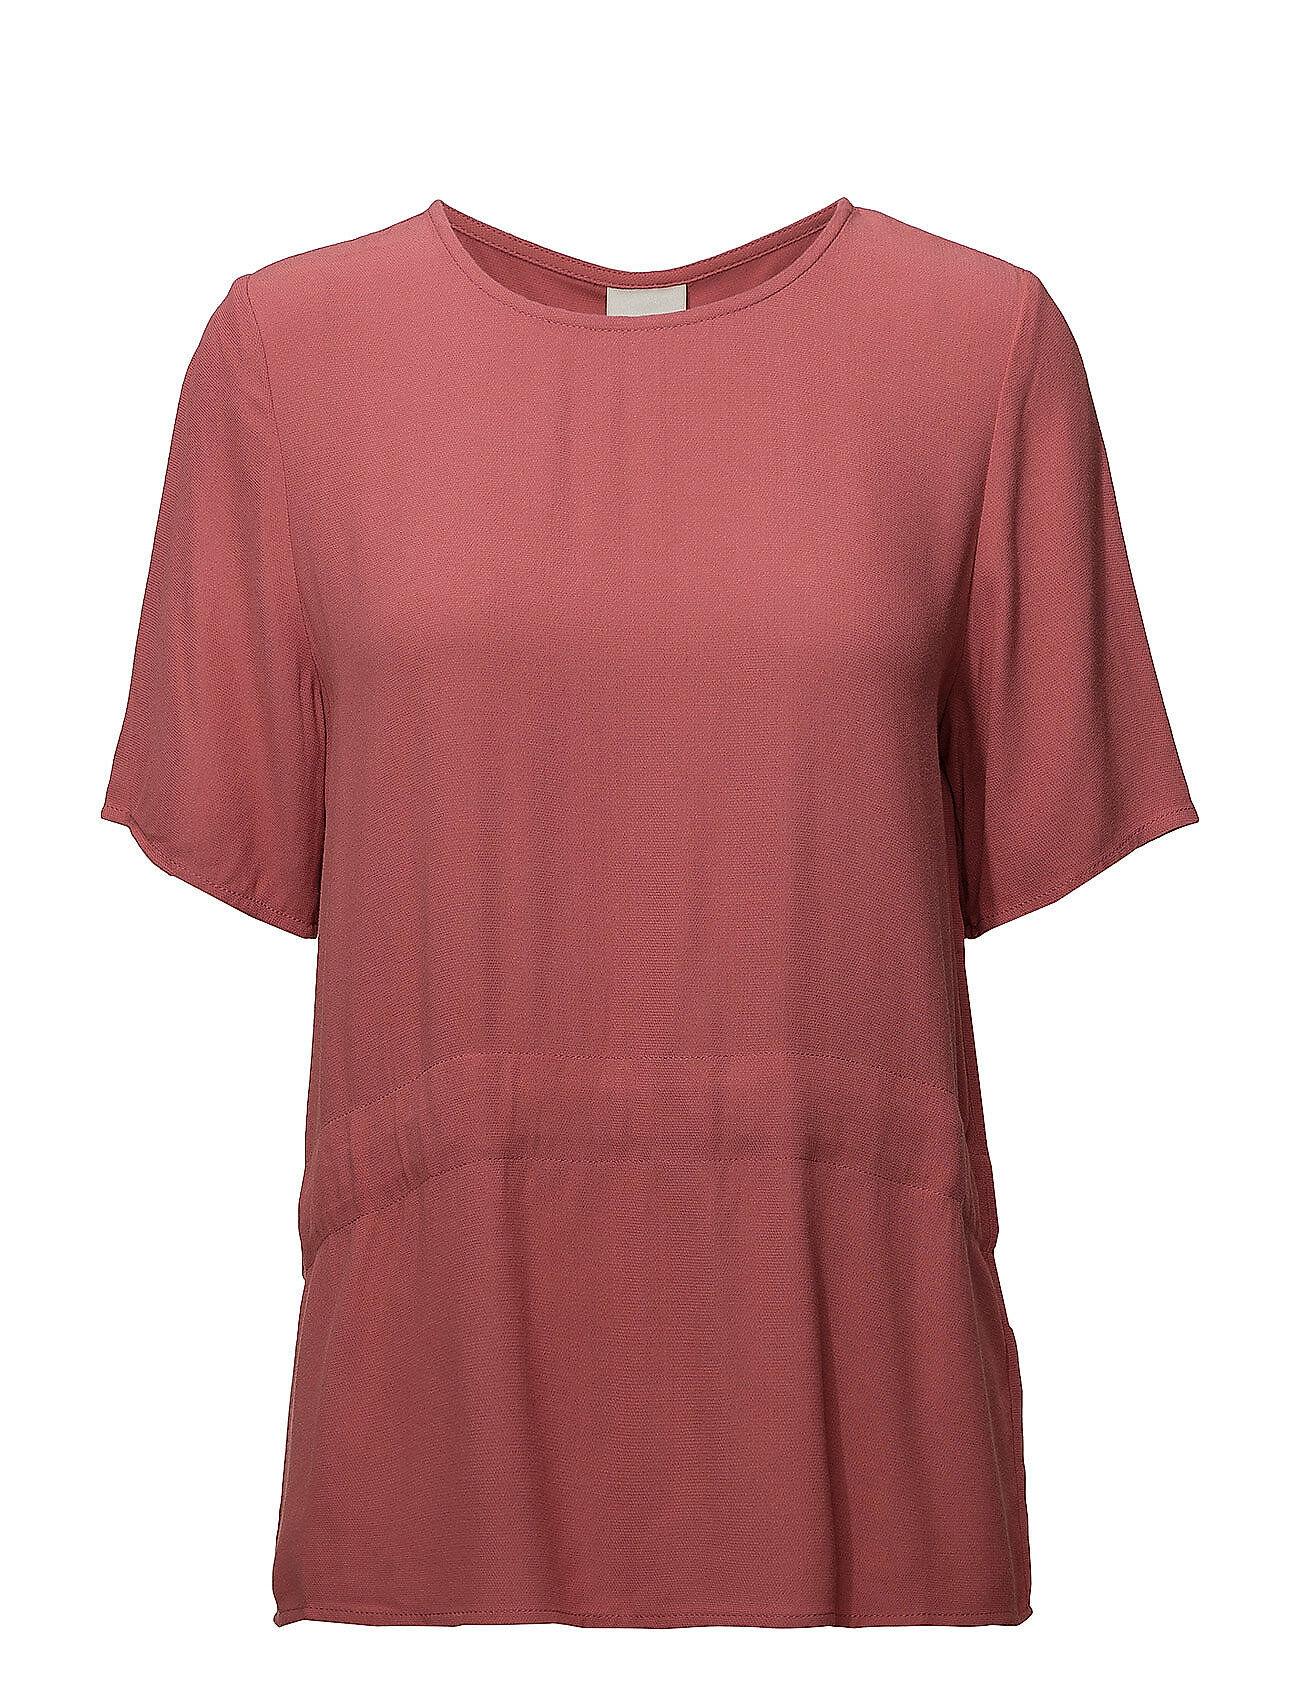 Selected Femme Slftanna Ss Top B T-shirts & Tops Short-sleeved Vaaleanpunainen Selected Femme